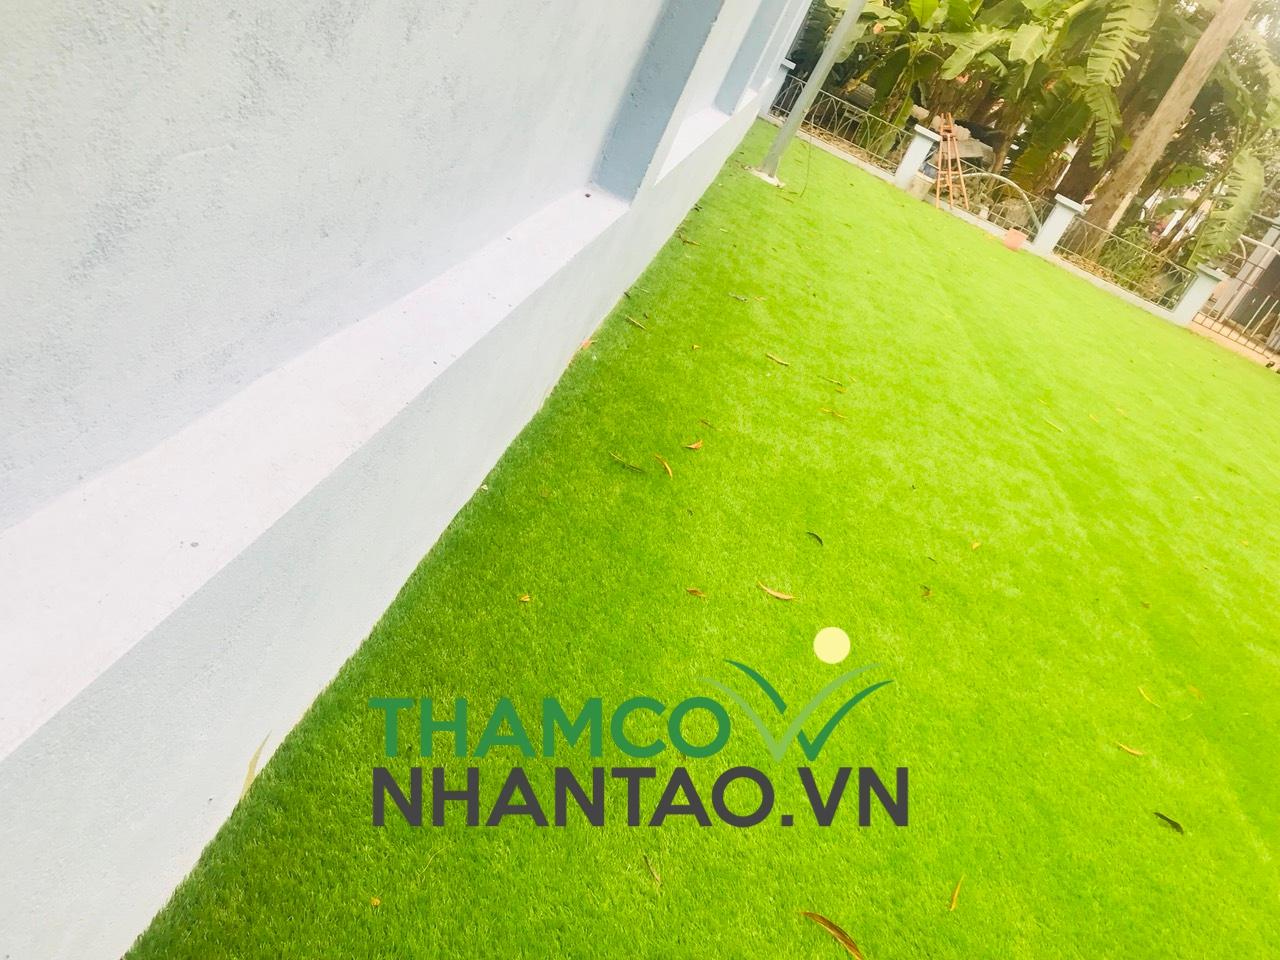 Một vài hình ảnh của dự án sân vườn trường tiểu học Thanh Lương quận Hai Bà Trưng, Hà Nội: 4